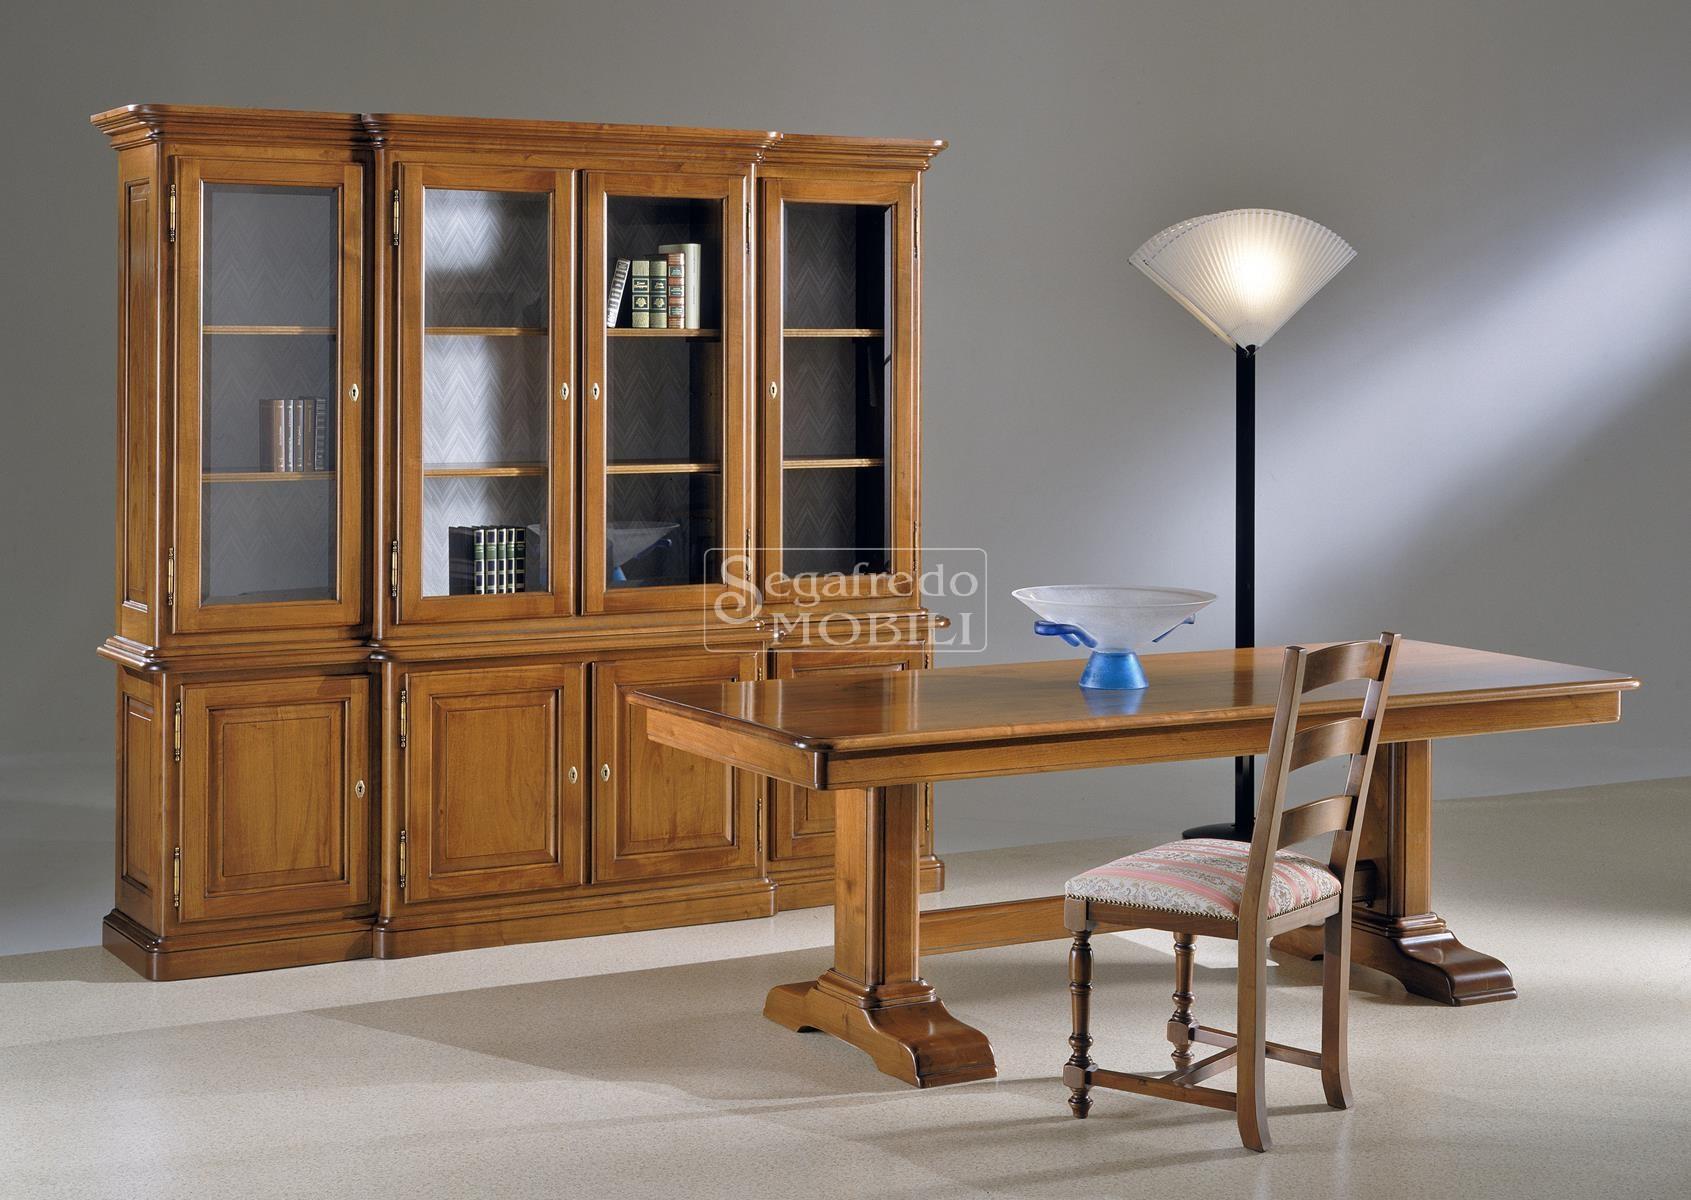 Credenza Con Libreria : Credenza in legno massello con alzata libreria cristalliera a